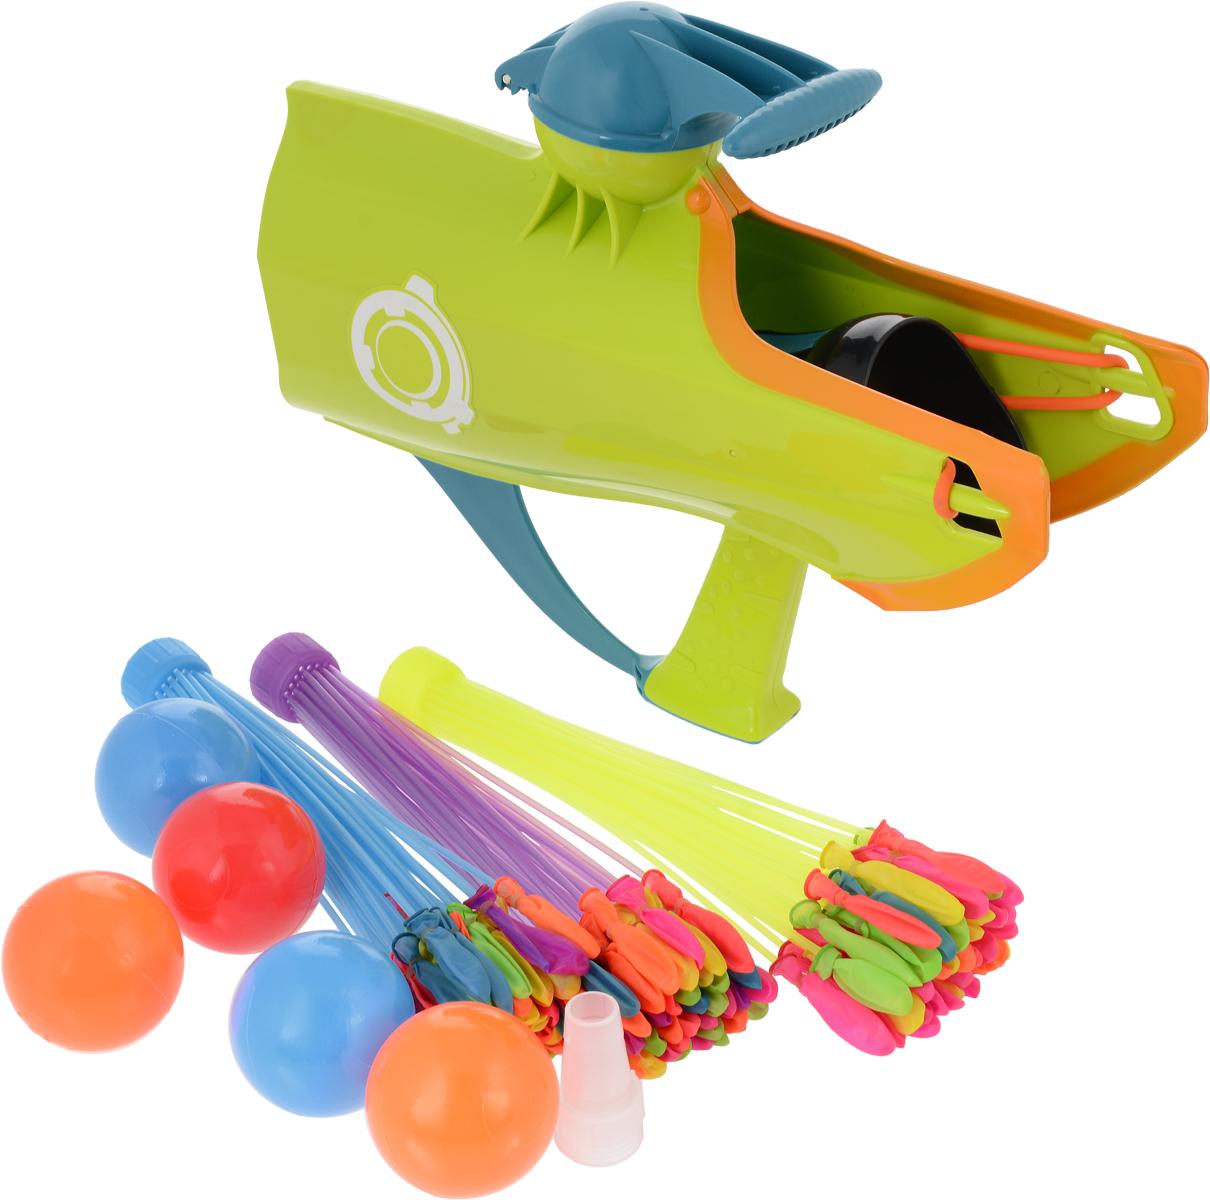 Веселые забавы Бластер для снежков водных бомбочек и мячей 3 в 1336894Бластер Веселые забавы - это яркое, удобное, легкое и практичное устройство, позволяющее запускать разнообразные снаряды.С этой игрушкой невозможно остаться в стороне от веселой игры. Яркие цвета, современный дизайн и безопасные материала делают эту игрушку идеальным выбором для игр на активном воздухе. Можно играть и зимой и летом! Бластер позволяет запускать входящие в комплект мягкие мячики, водные бомбочки и даже снежки! Бластер снабжен специальным прессом, который позволяет формировать снежки идеальной формы.Устраивайте снежные или водные баталии, лепите крепости и замки или посоревнуйтесь с друзьями в меткости!Зимние игры на свежем воздухе. Статья OZON Гид